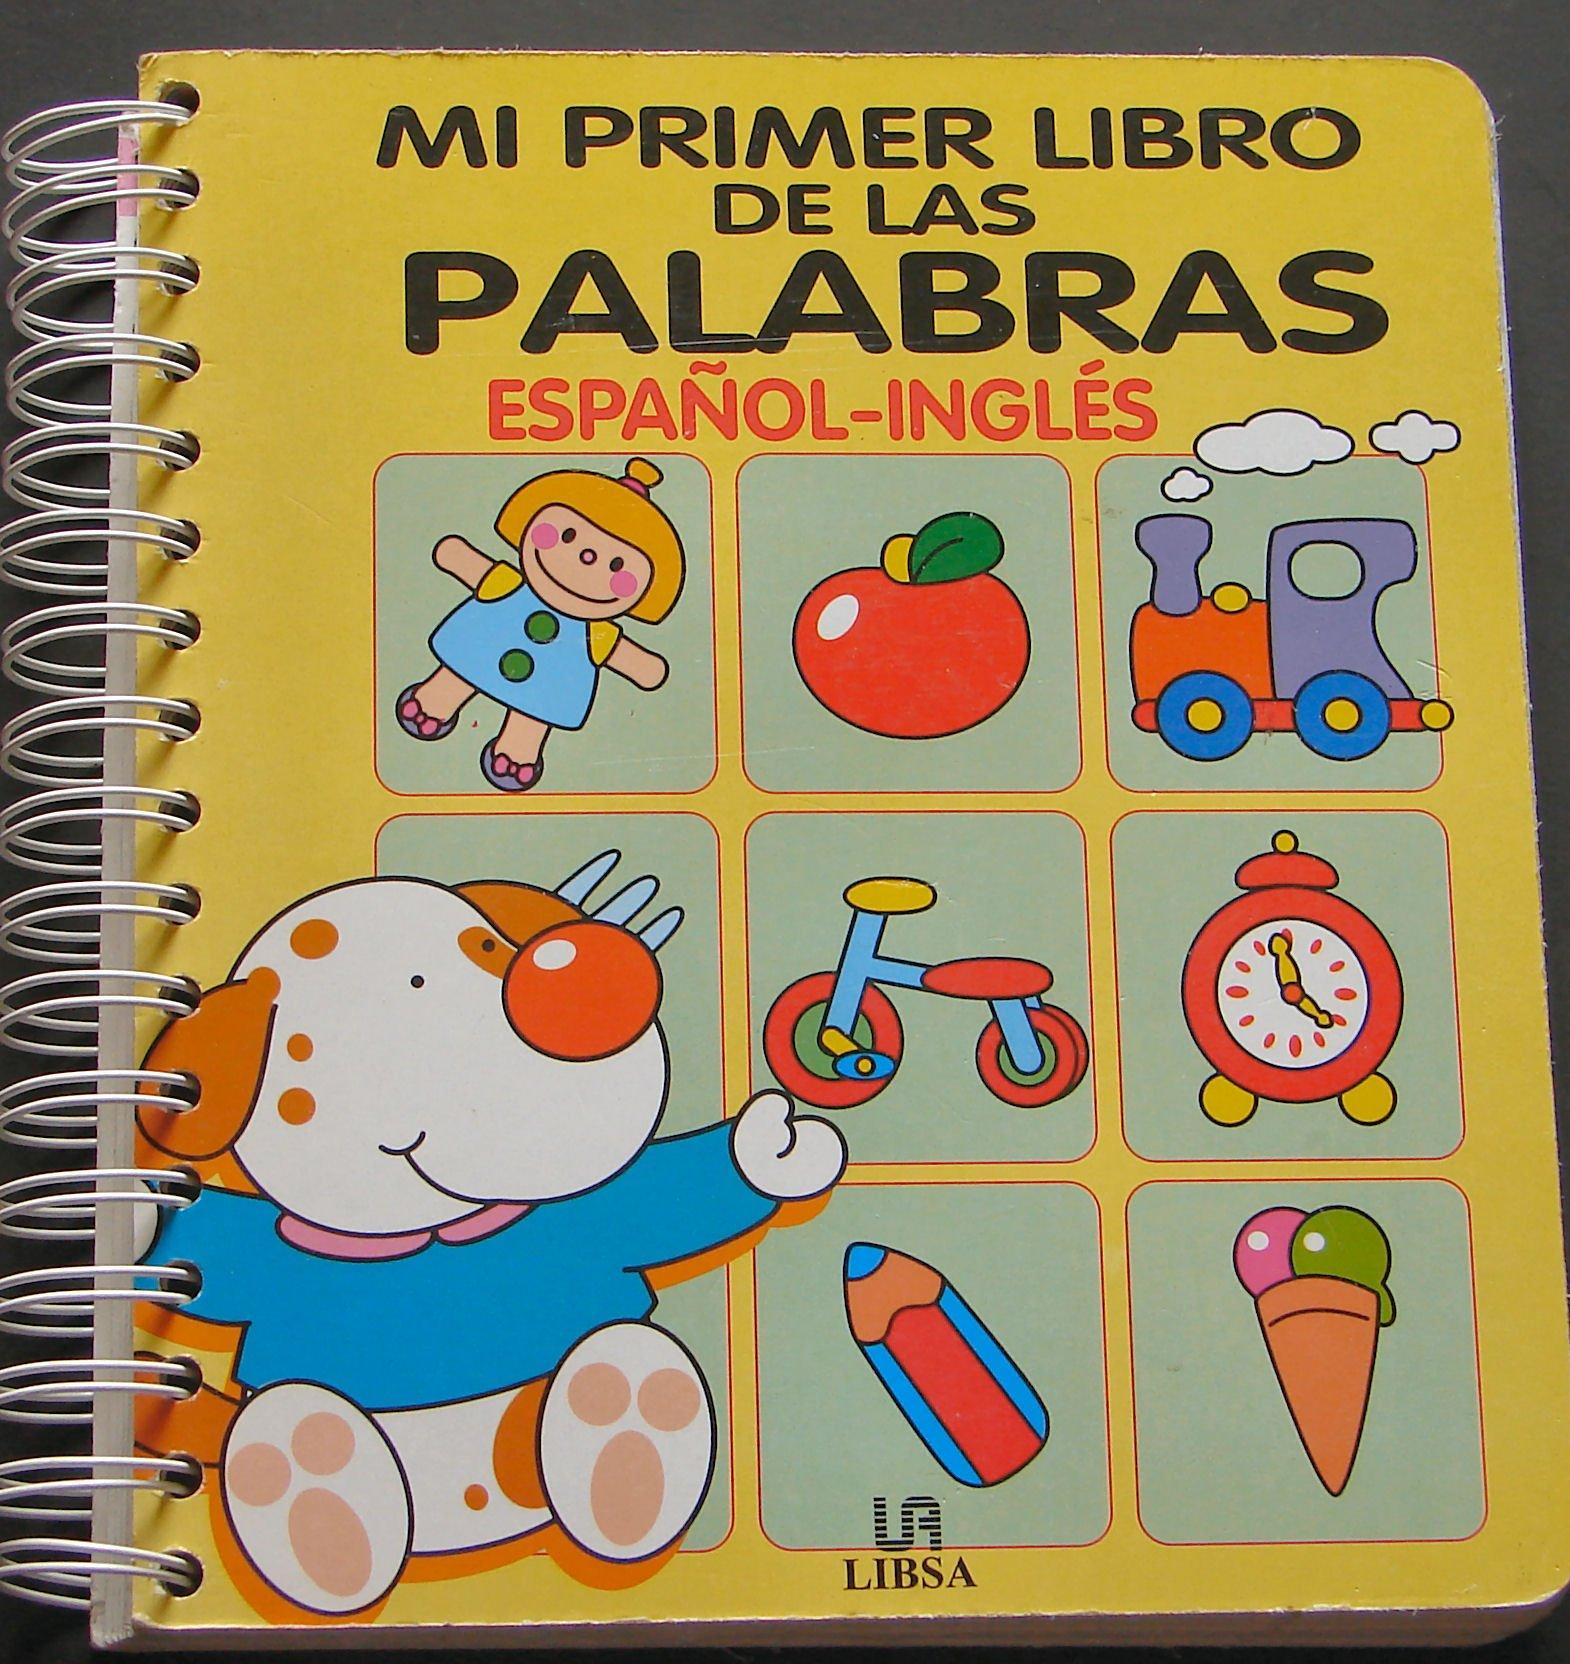 Mi Primer Libro de Las Palabras - Espaol - Ingles (Spanish Edition), Libsa